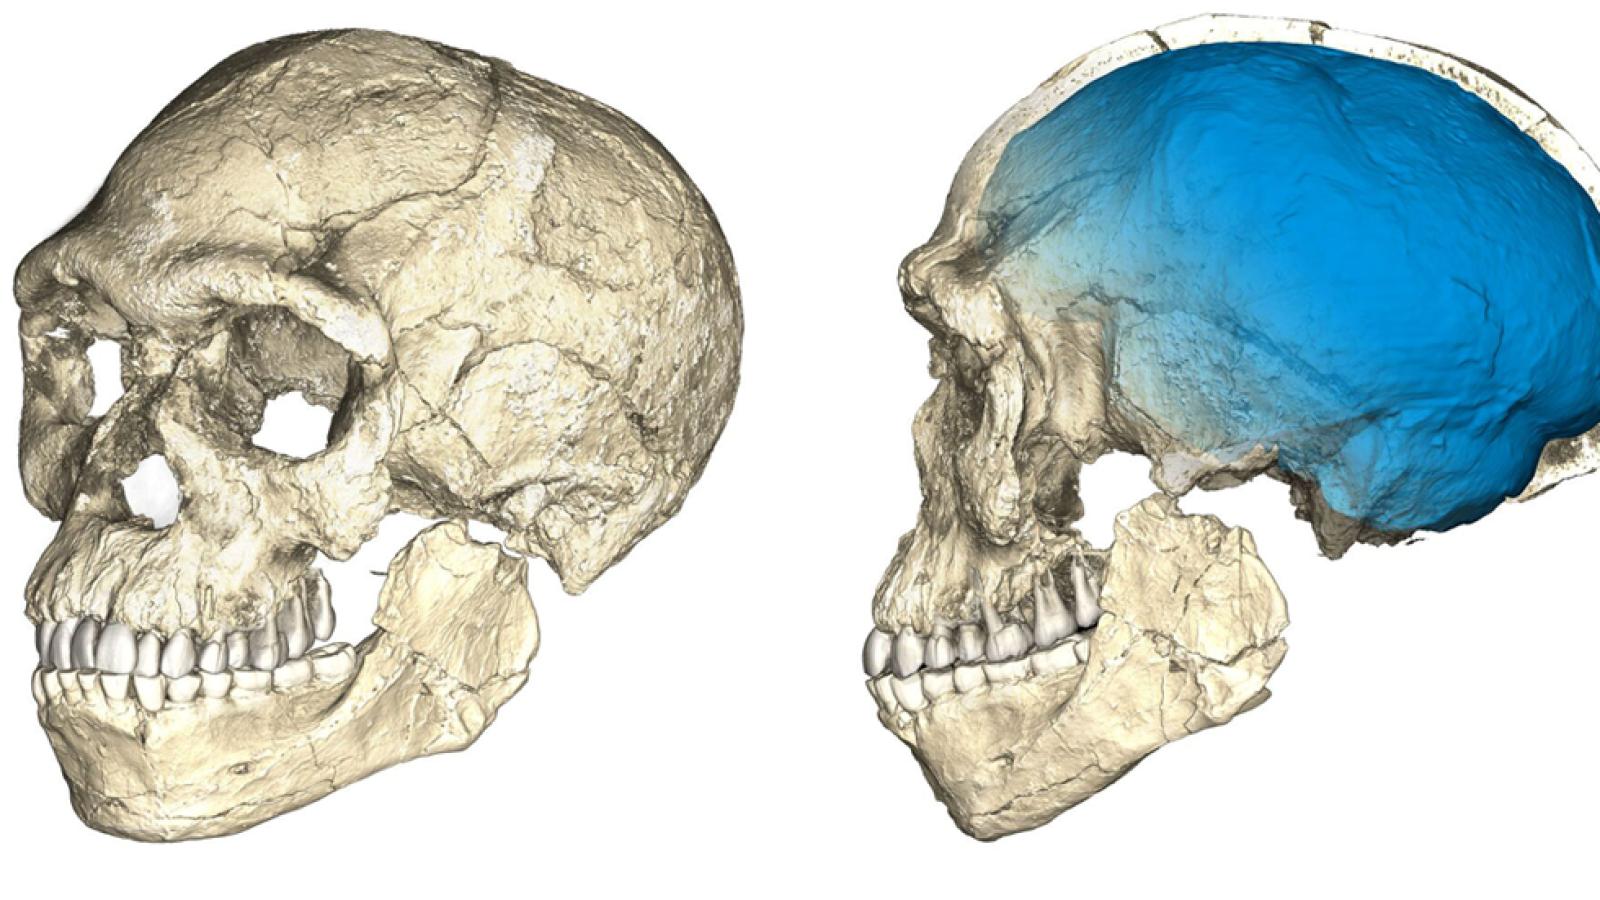 Los restos más antiguos conocidos de Homo Sapiens han sido hallados en un lugar de Marruecos llamado Yebel Irhoud, unos 150 kilómetros al oeste de Marrakech, según un estudio publicado en la revista especializada Nature. Este descubrimiento cambiaría